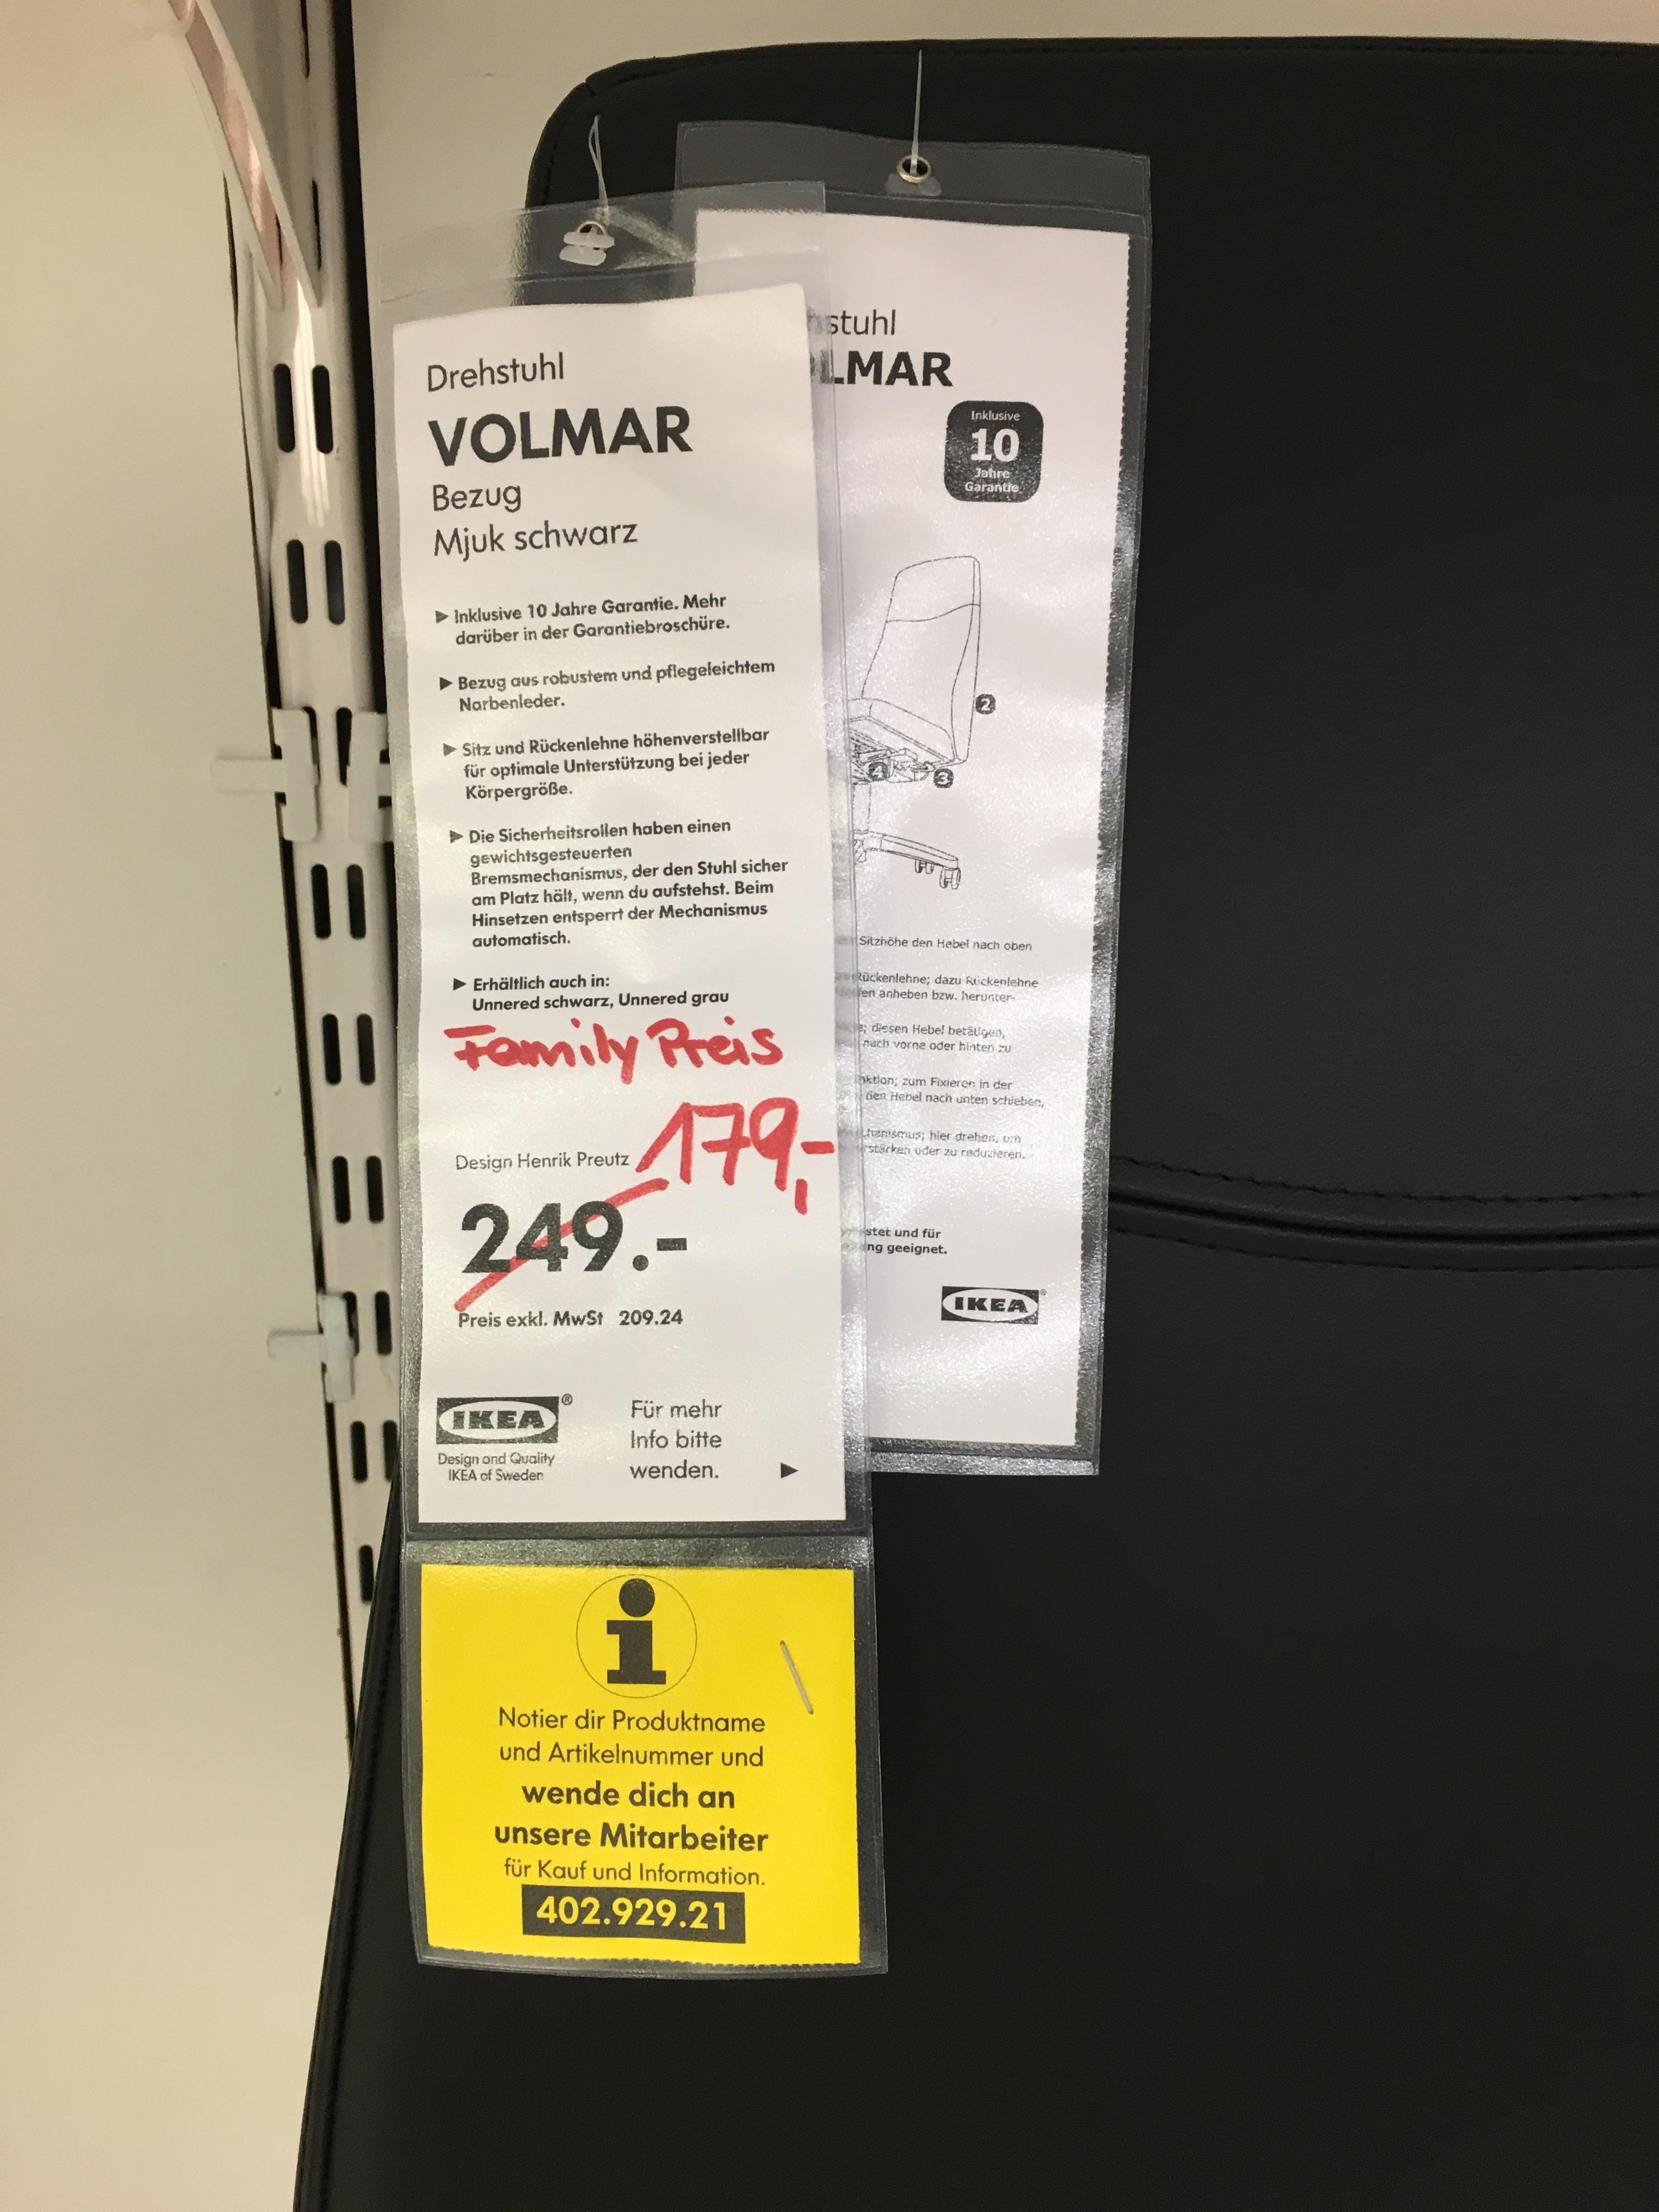 [LOKAL IKEA BRAUNSCHWEIG] Drehstuhl VOLMAR in Mjuk schwarz für Family Mitglieder (geringe Stückzahl! Evtl. schon weg)